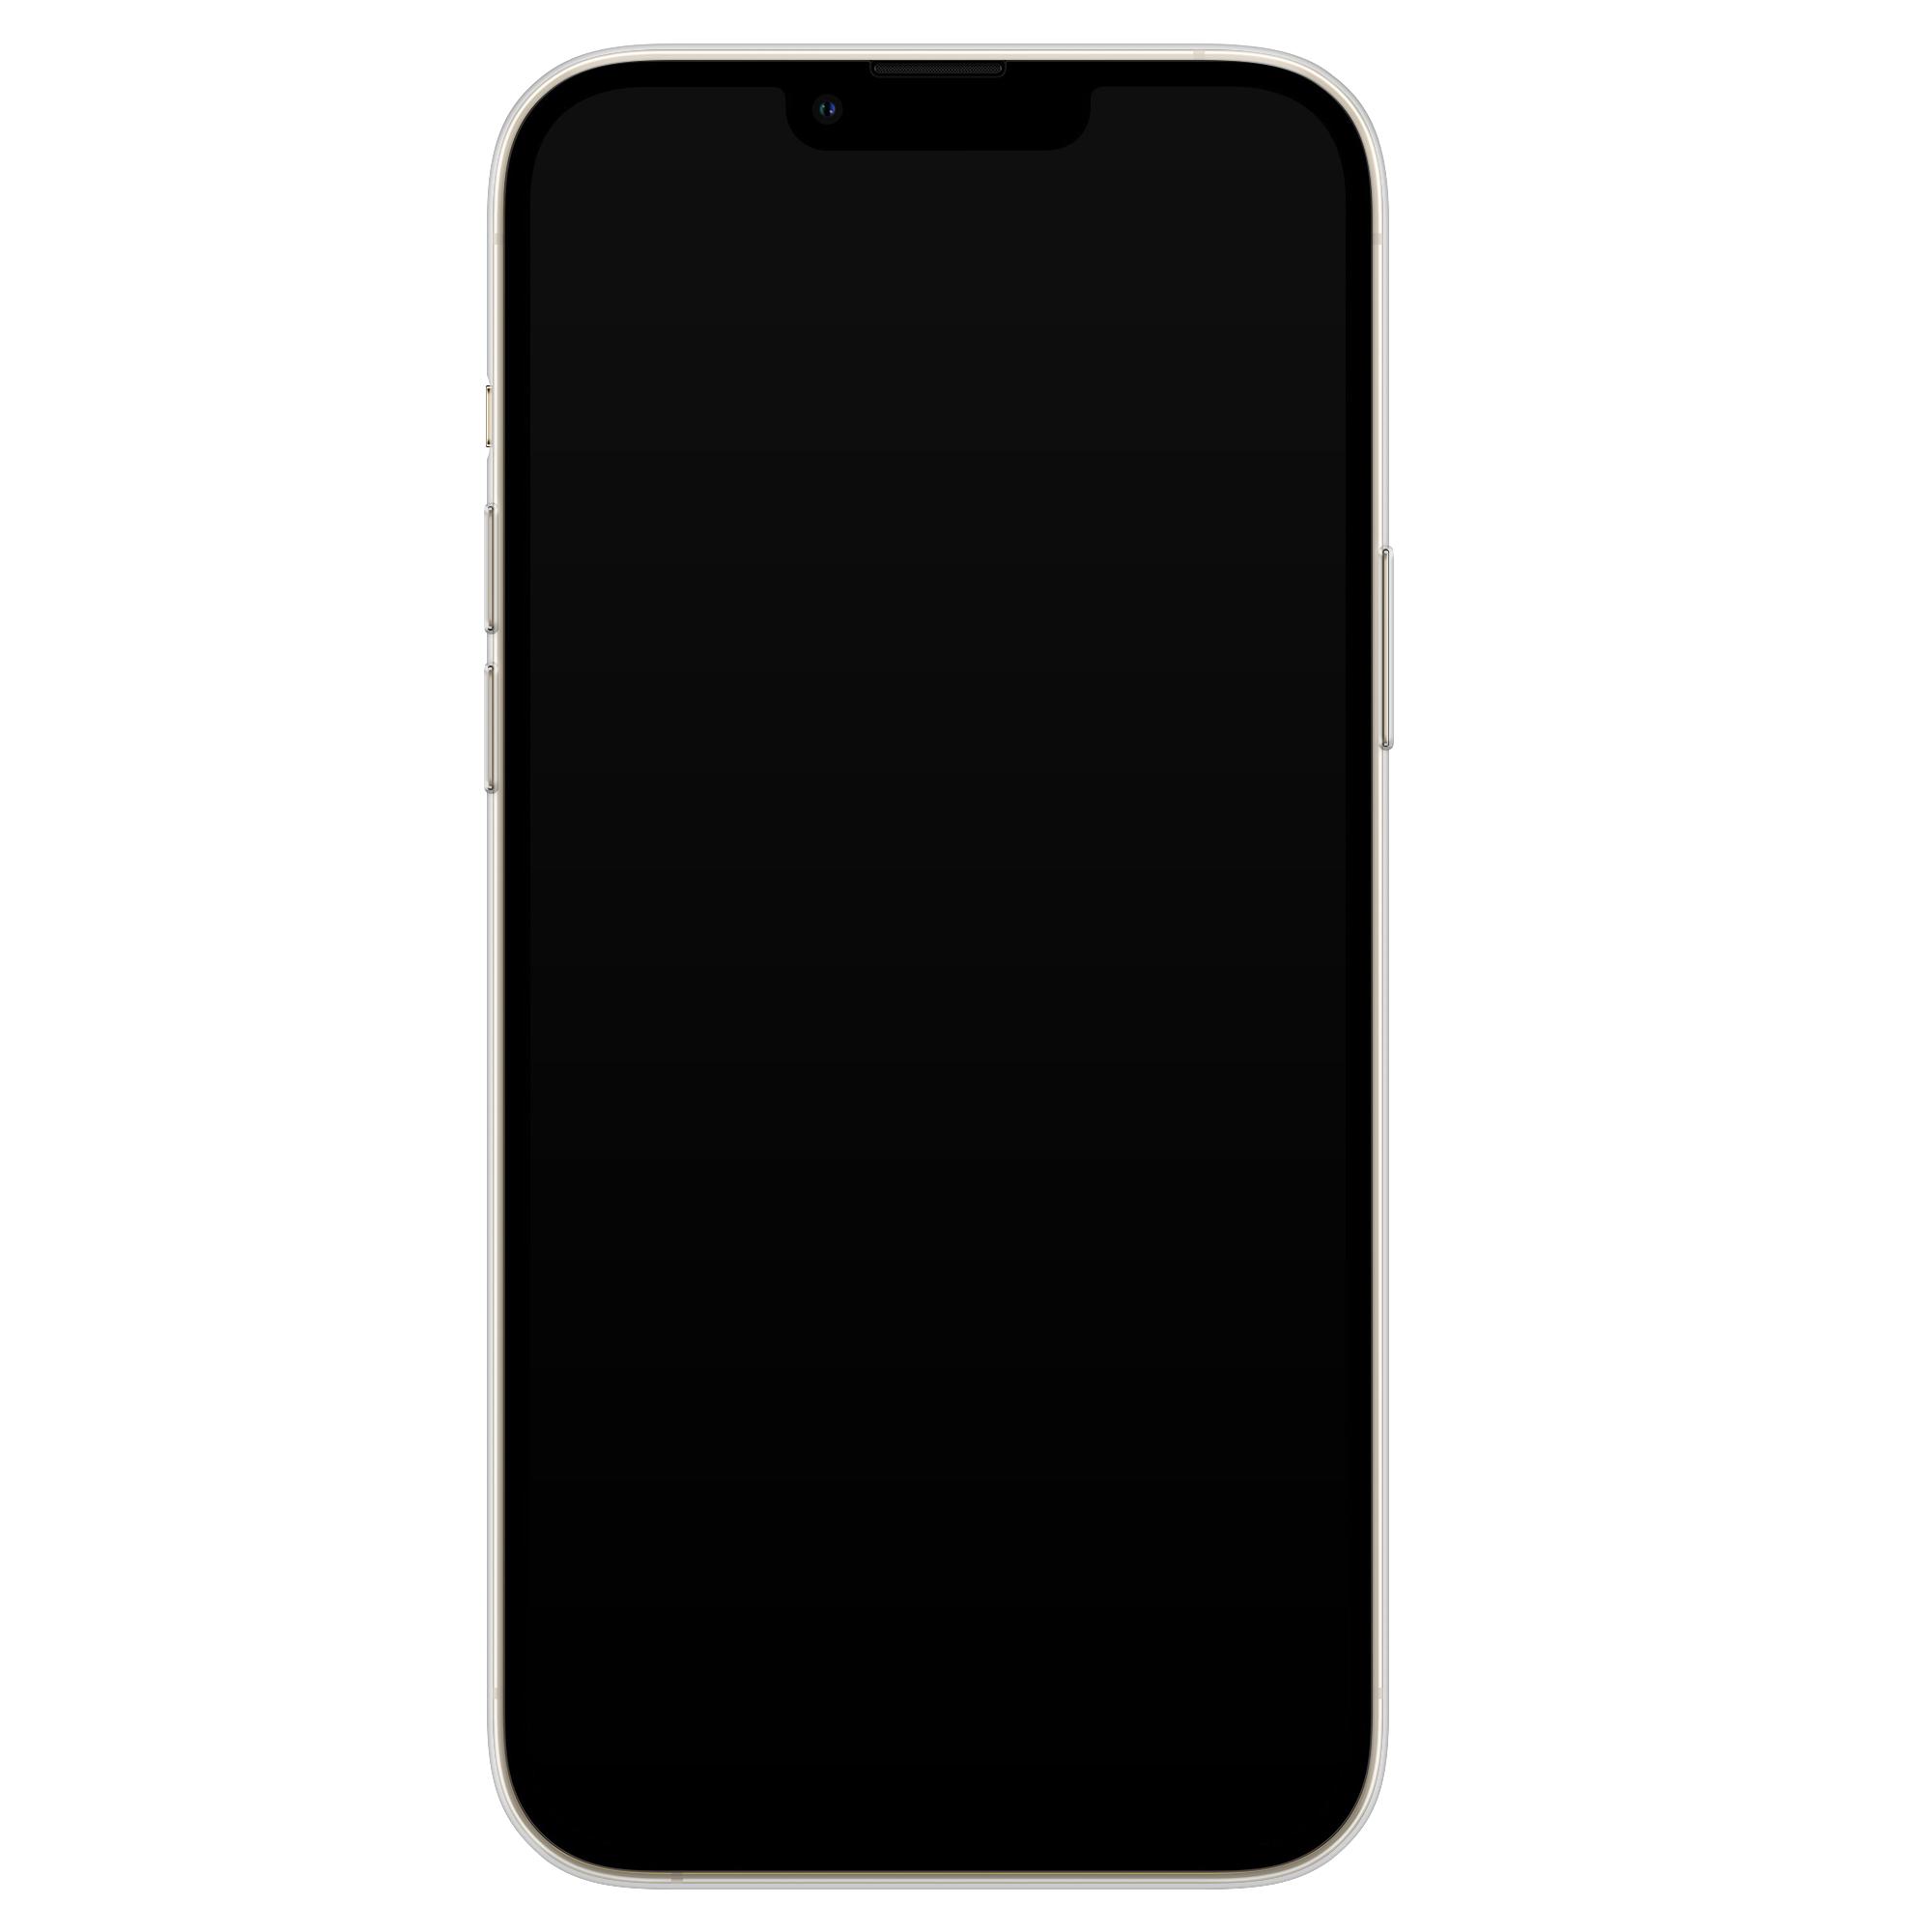 Leuke Telefoonhoesjes iPhone 13 Pro Max siliconen hoesje - Eye contact